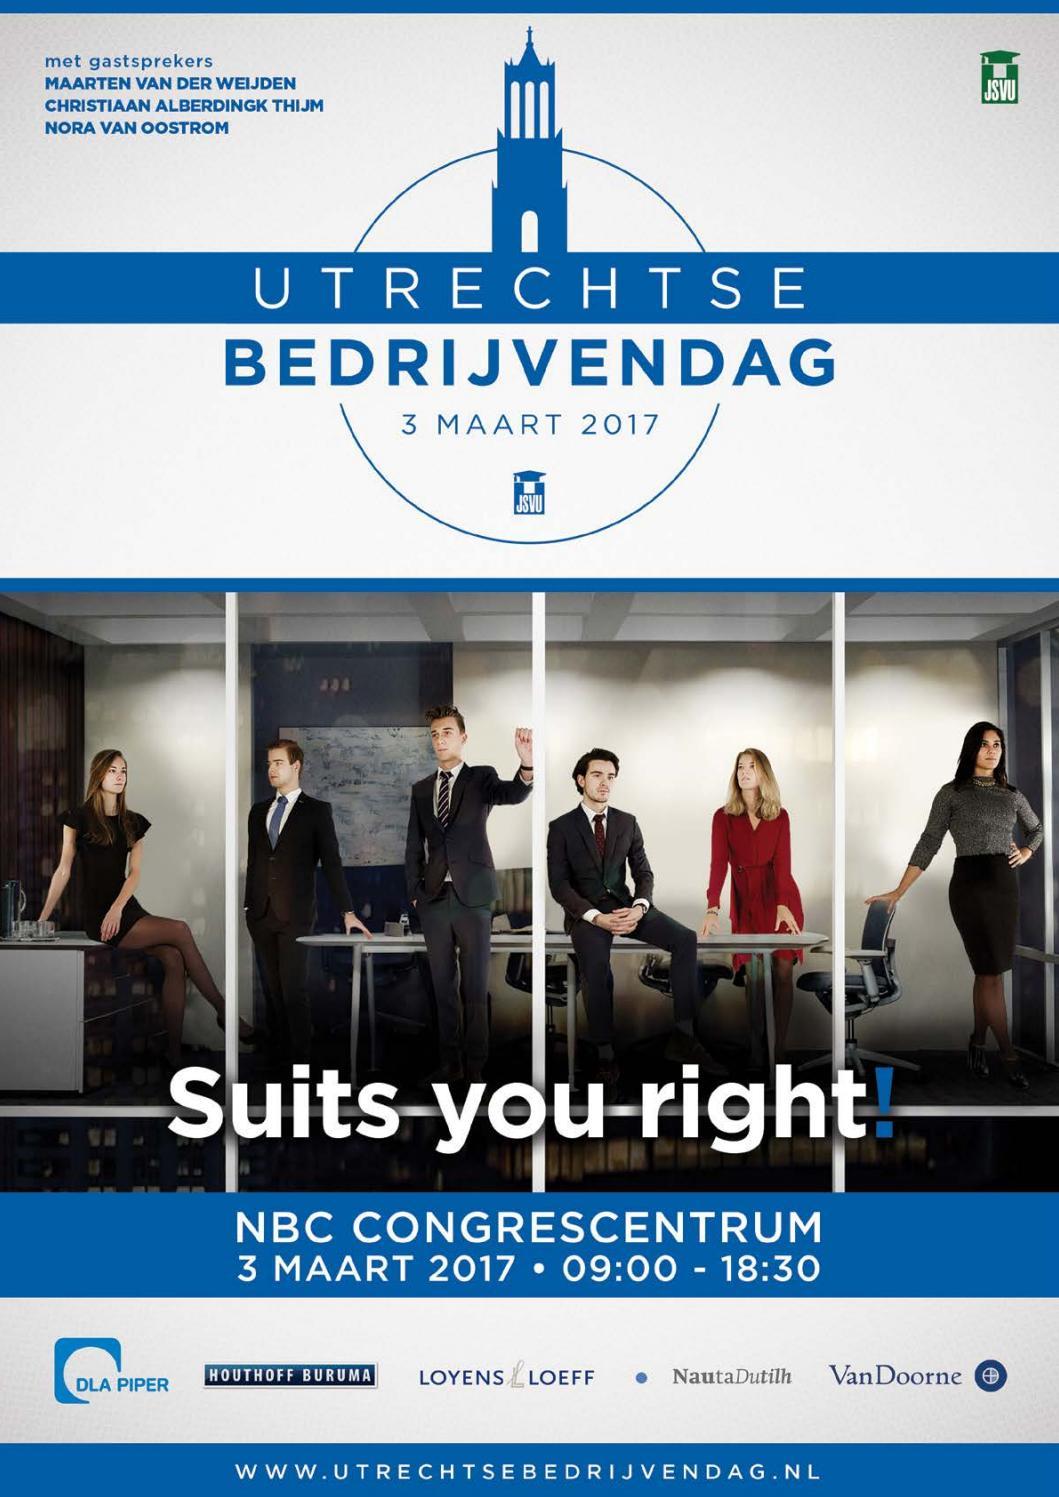 Utrechtse Bedrijvendag Nico Notarissen